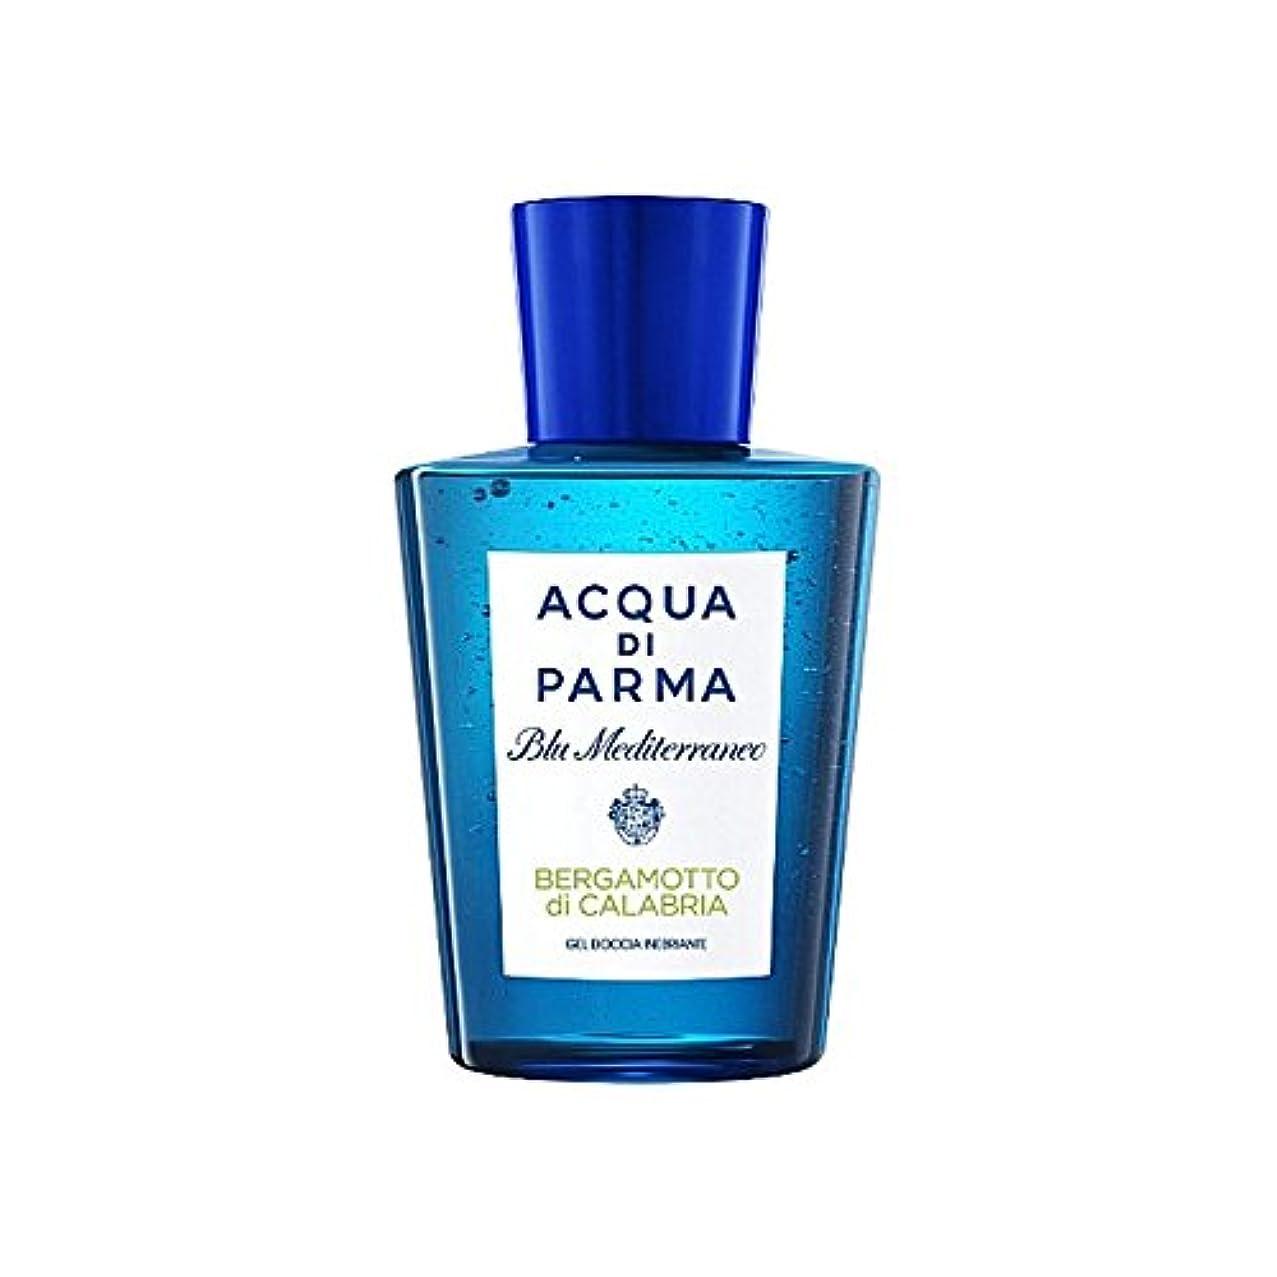 オレンジモンスター任命するAcqua Di Parma Blu Mediterraneo Bergamotto Di Calabria Shower Gel 200ml - アクアディパルマブルーメディのディカラブリアシャワージェル200 [並行輸入品]